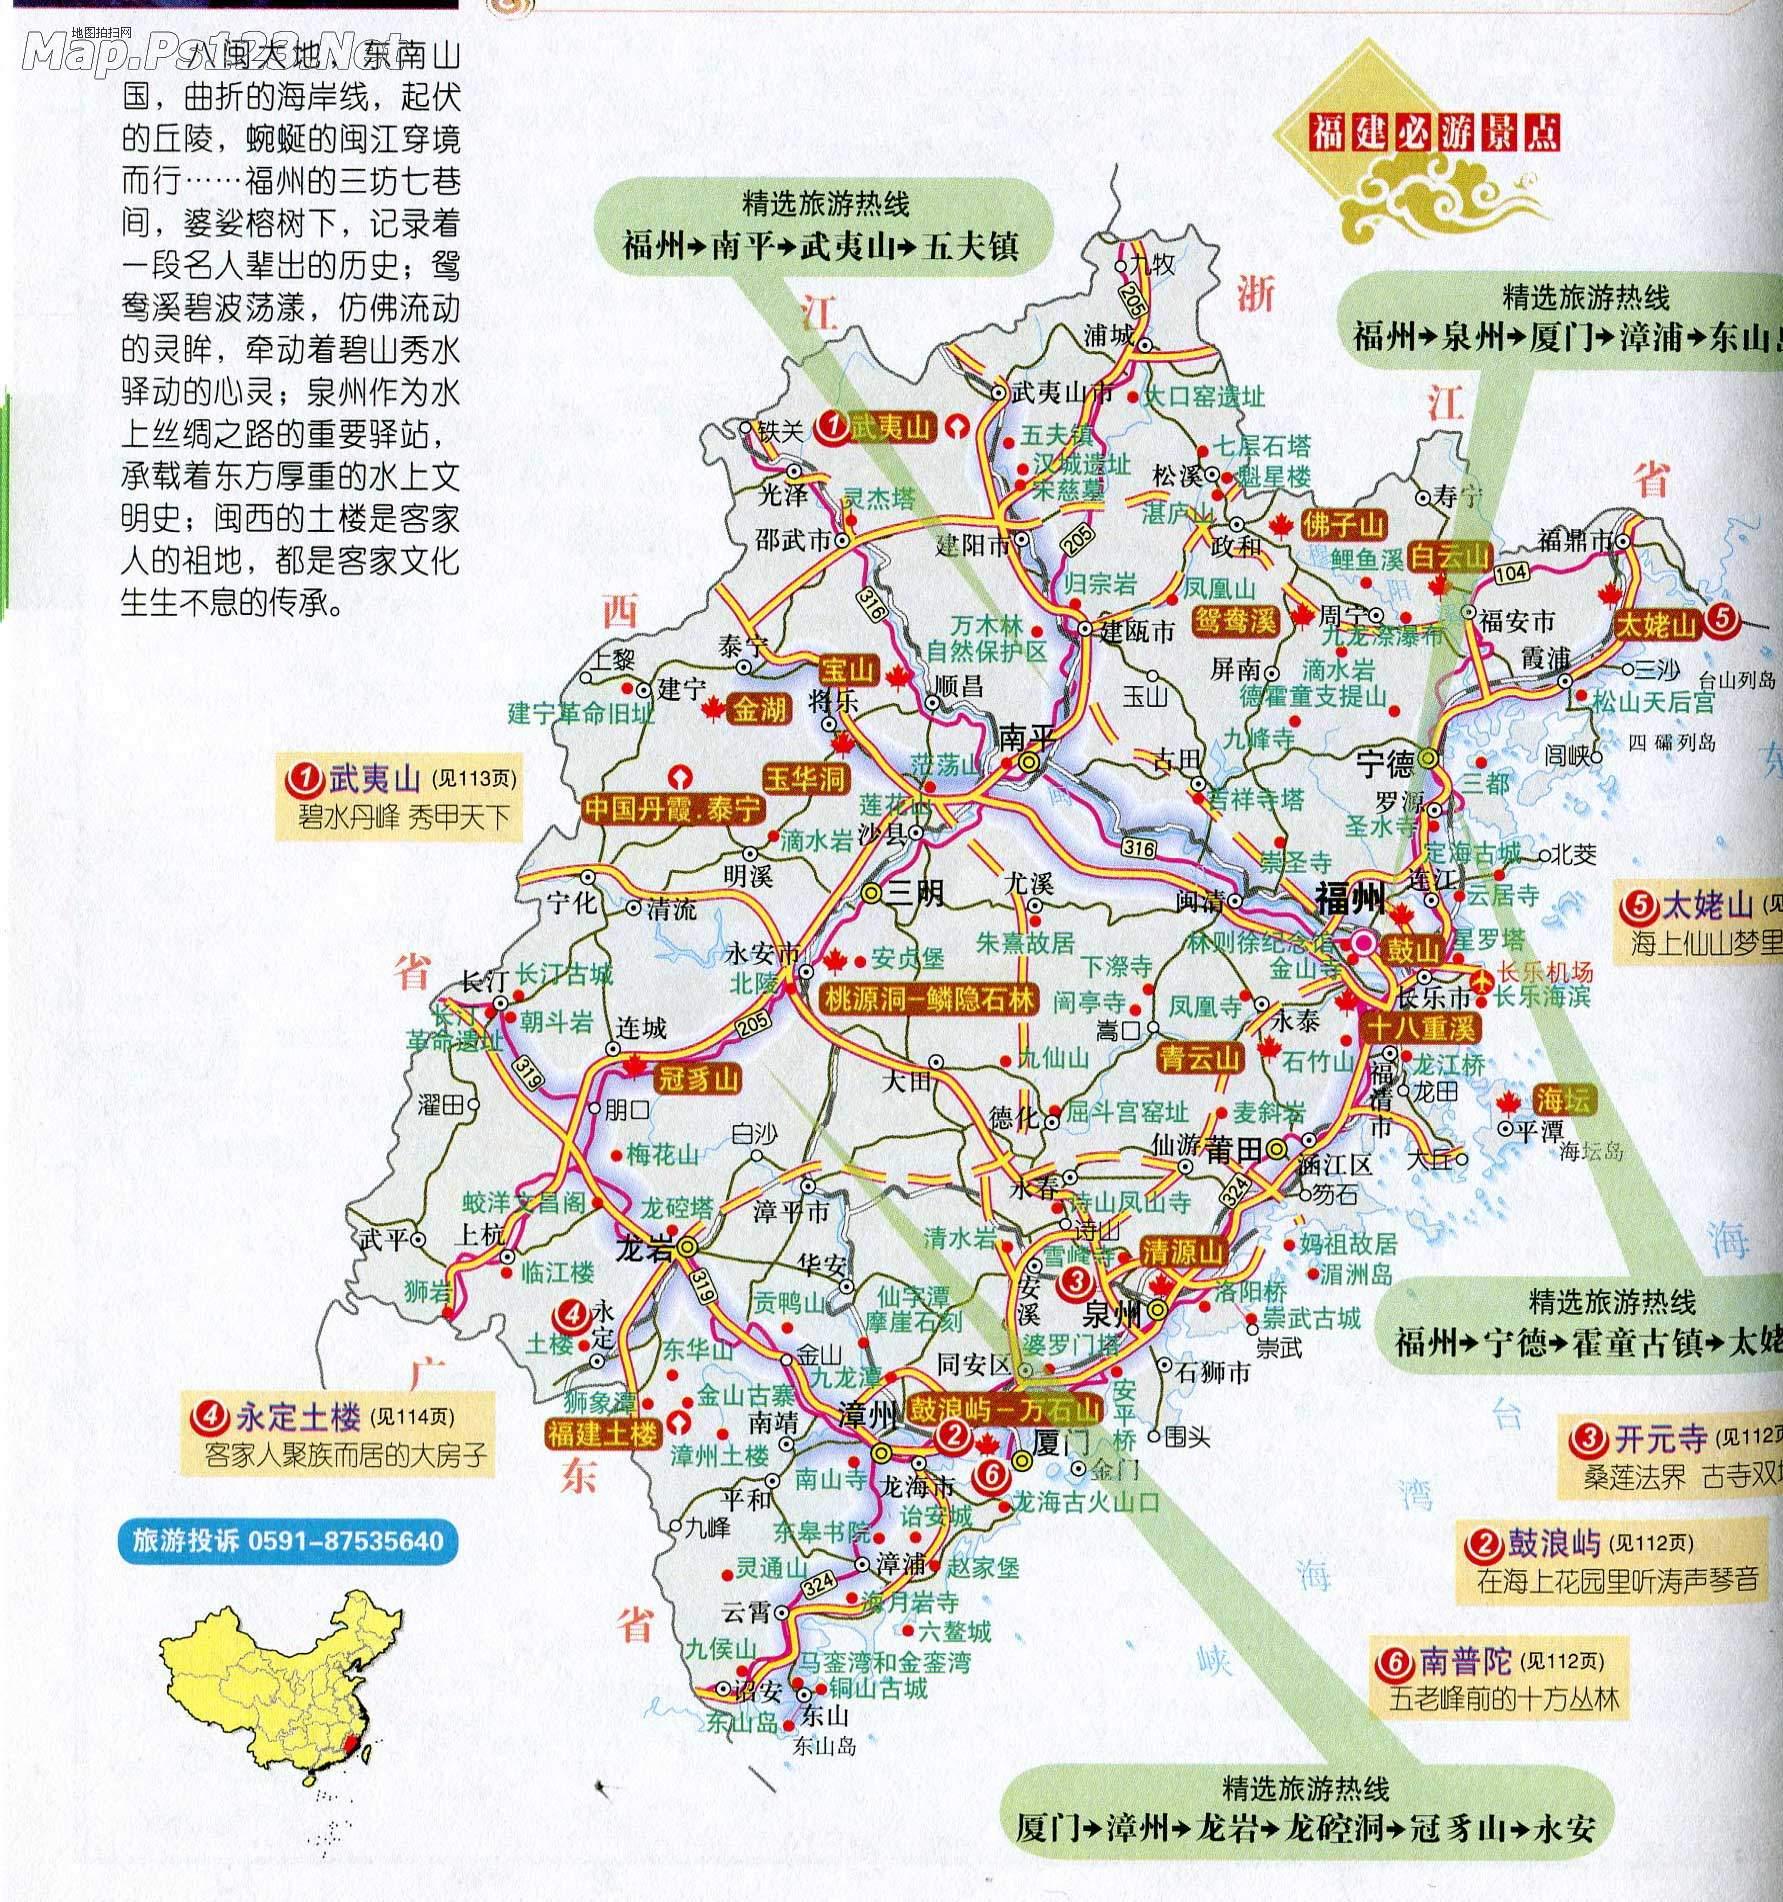 福建省旅游地图(必游景点)